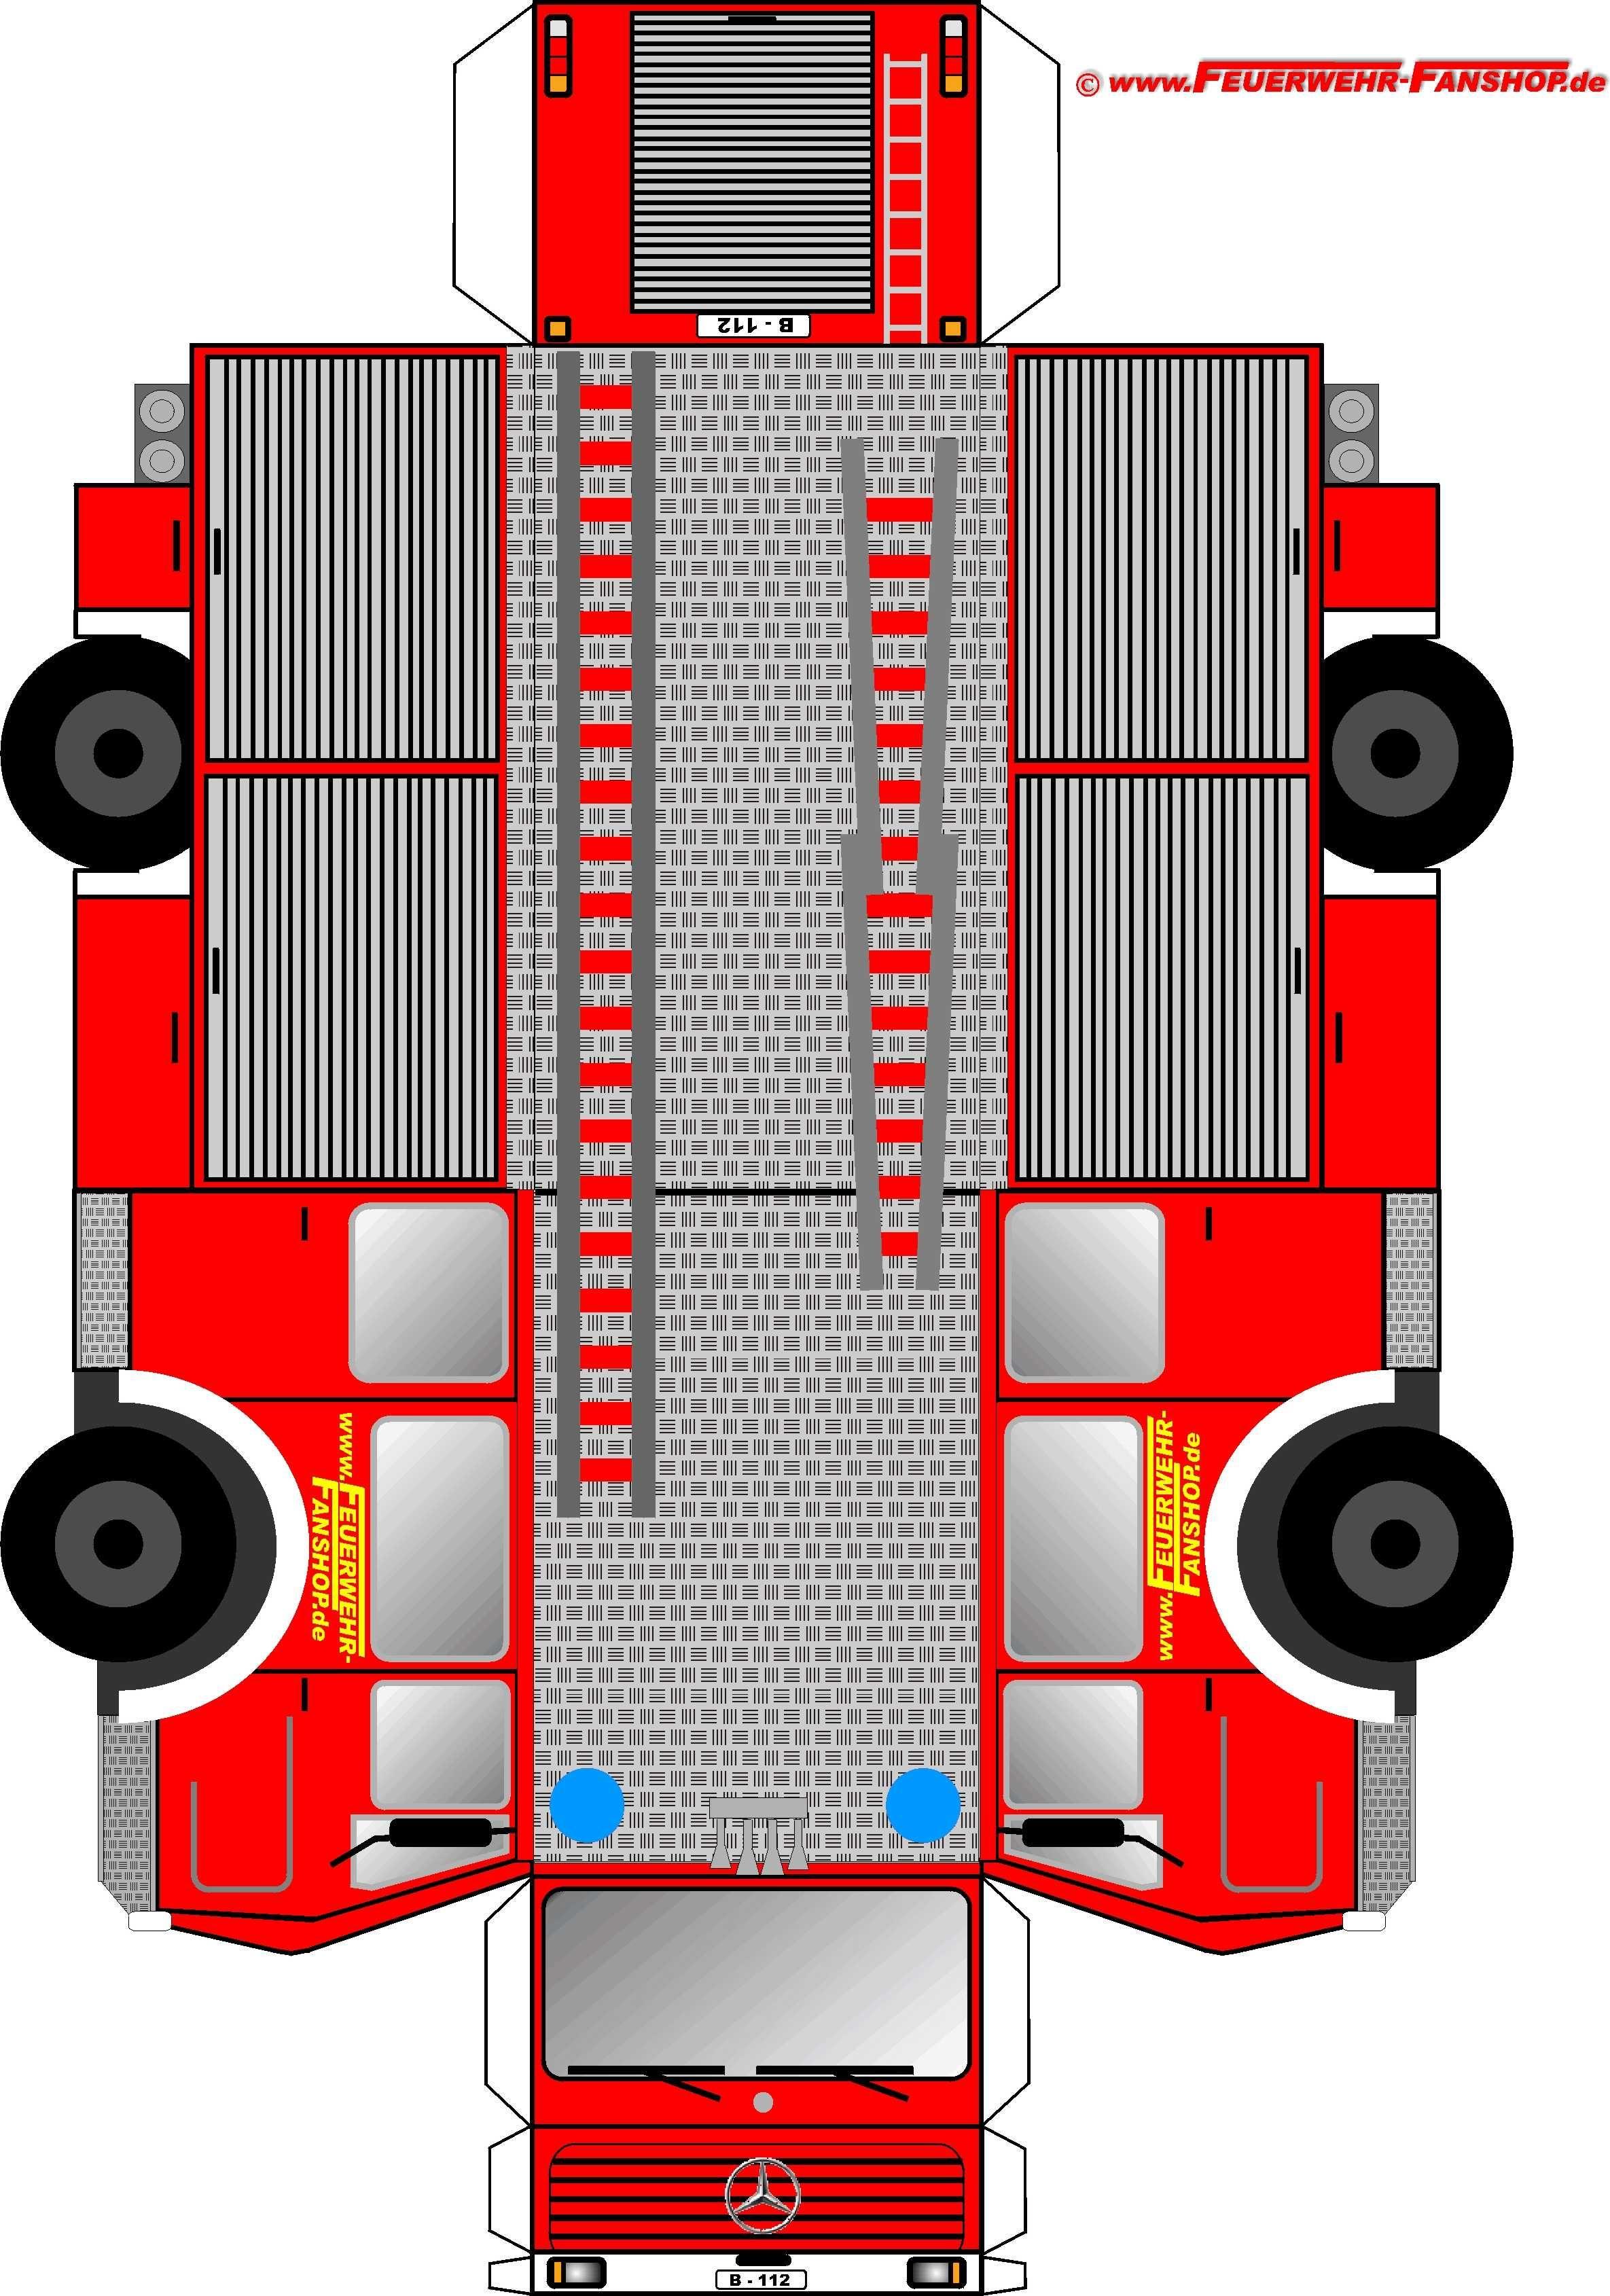 Feuerwehrauto basteln | papír | Pinterest | Feuerwehrauto basteln ...